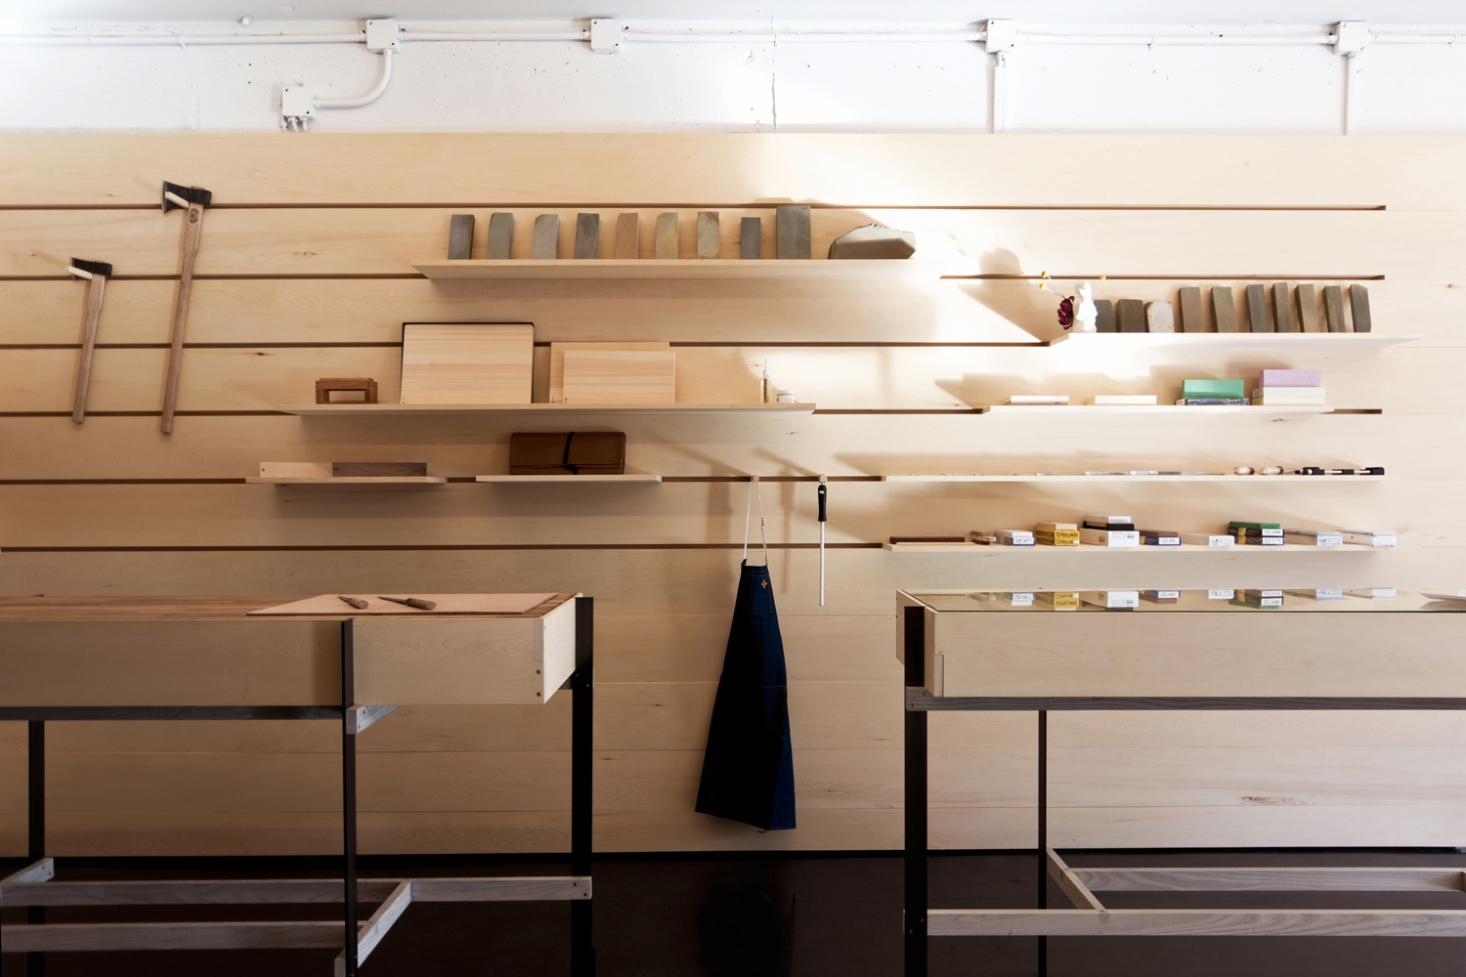 scott-scott-architects-ai-om-knives-full-wall-1466x977.jpg